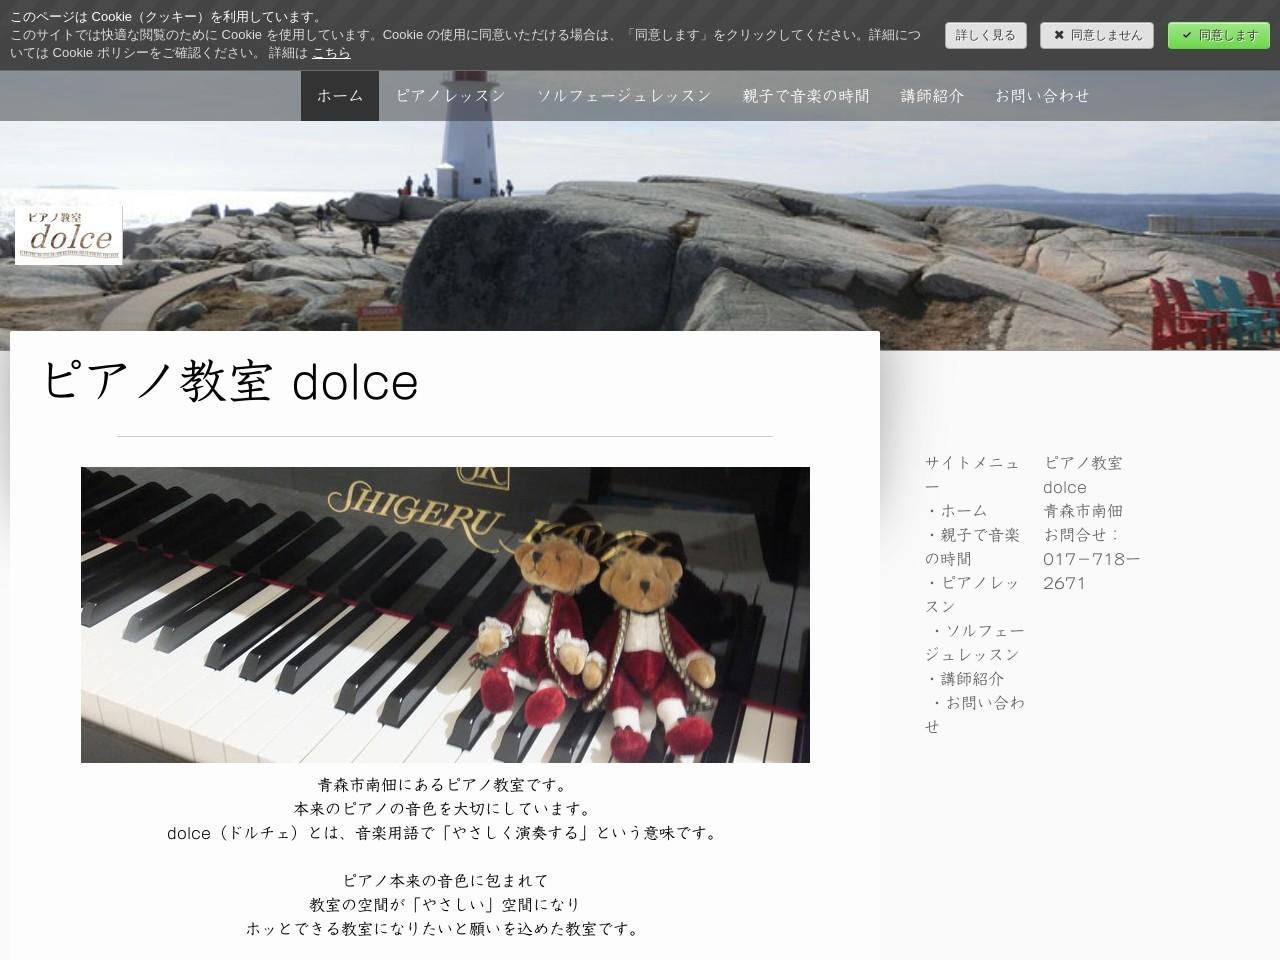 ピアノ教室 ~dolce~のサムネイル